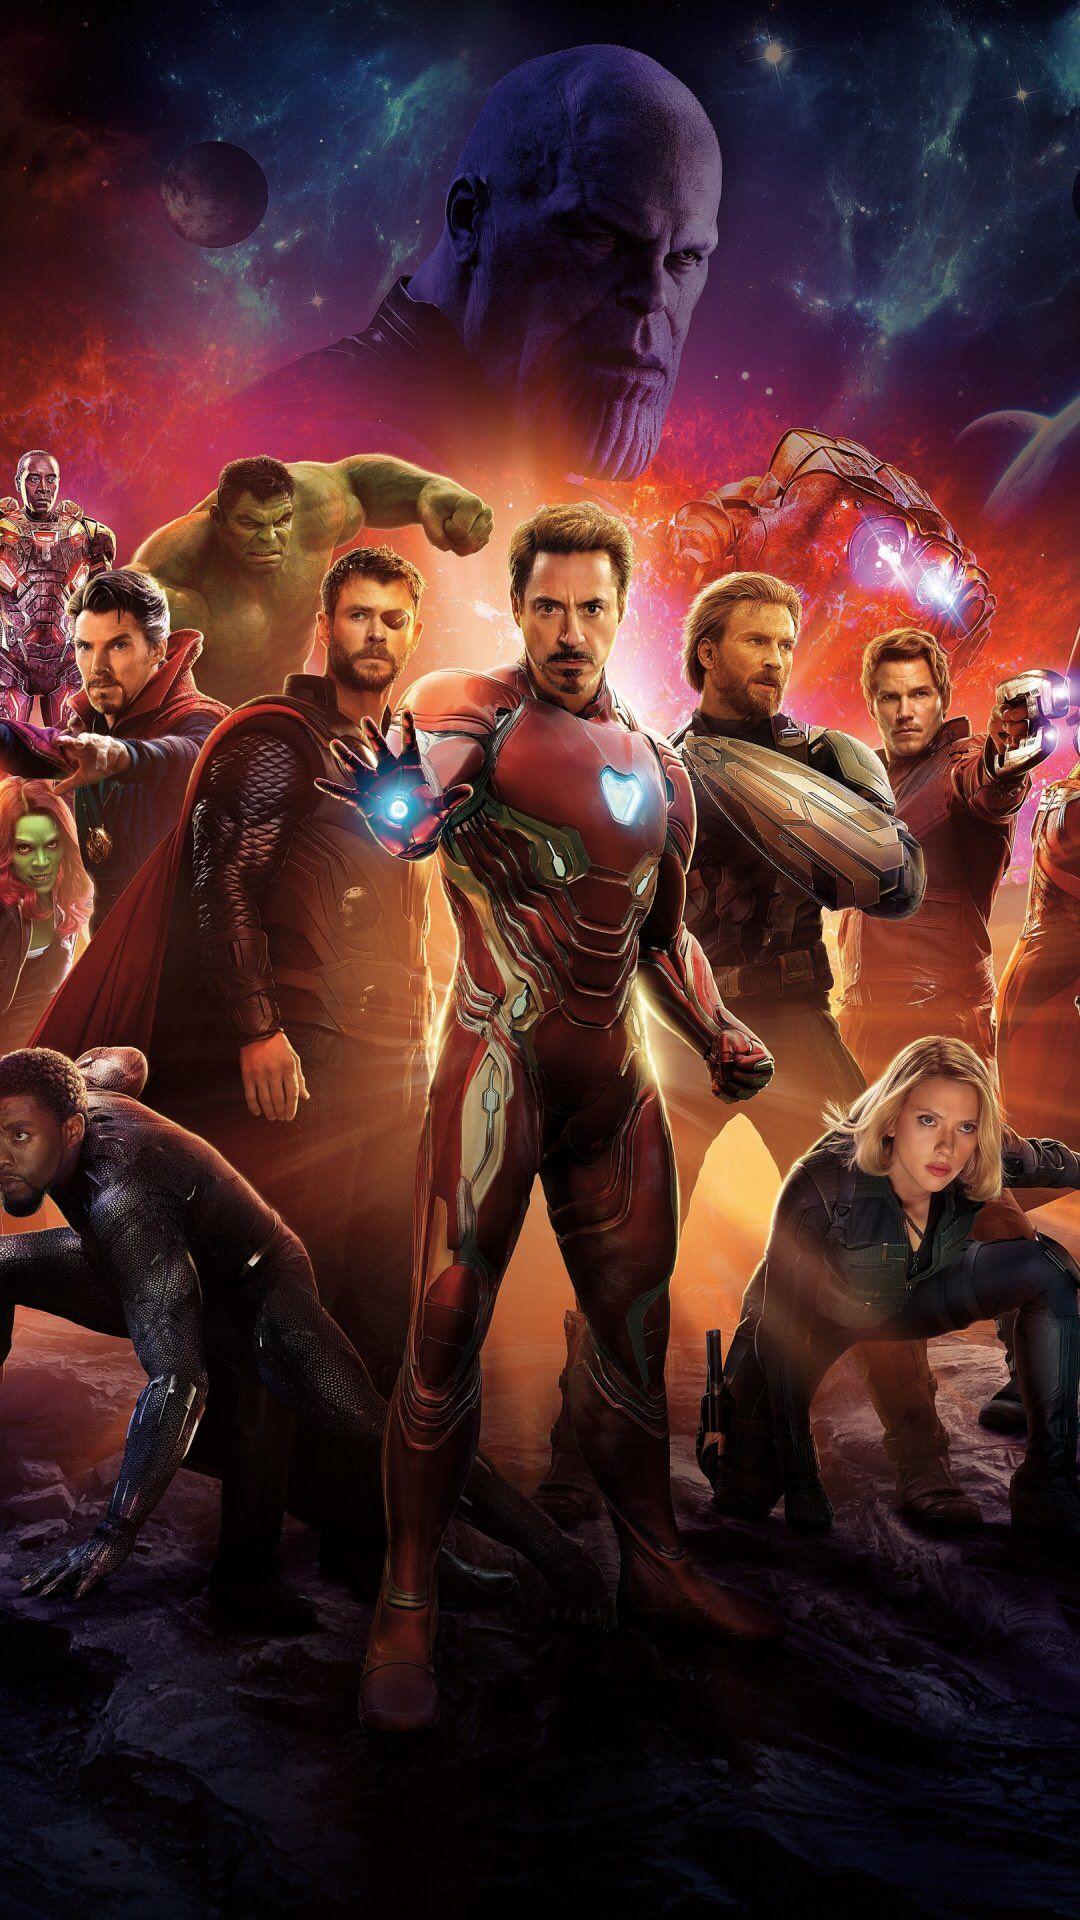 Fondos de pantalla de cine para el móvil | COMICs | Marvel ...